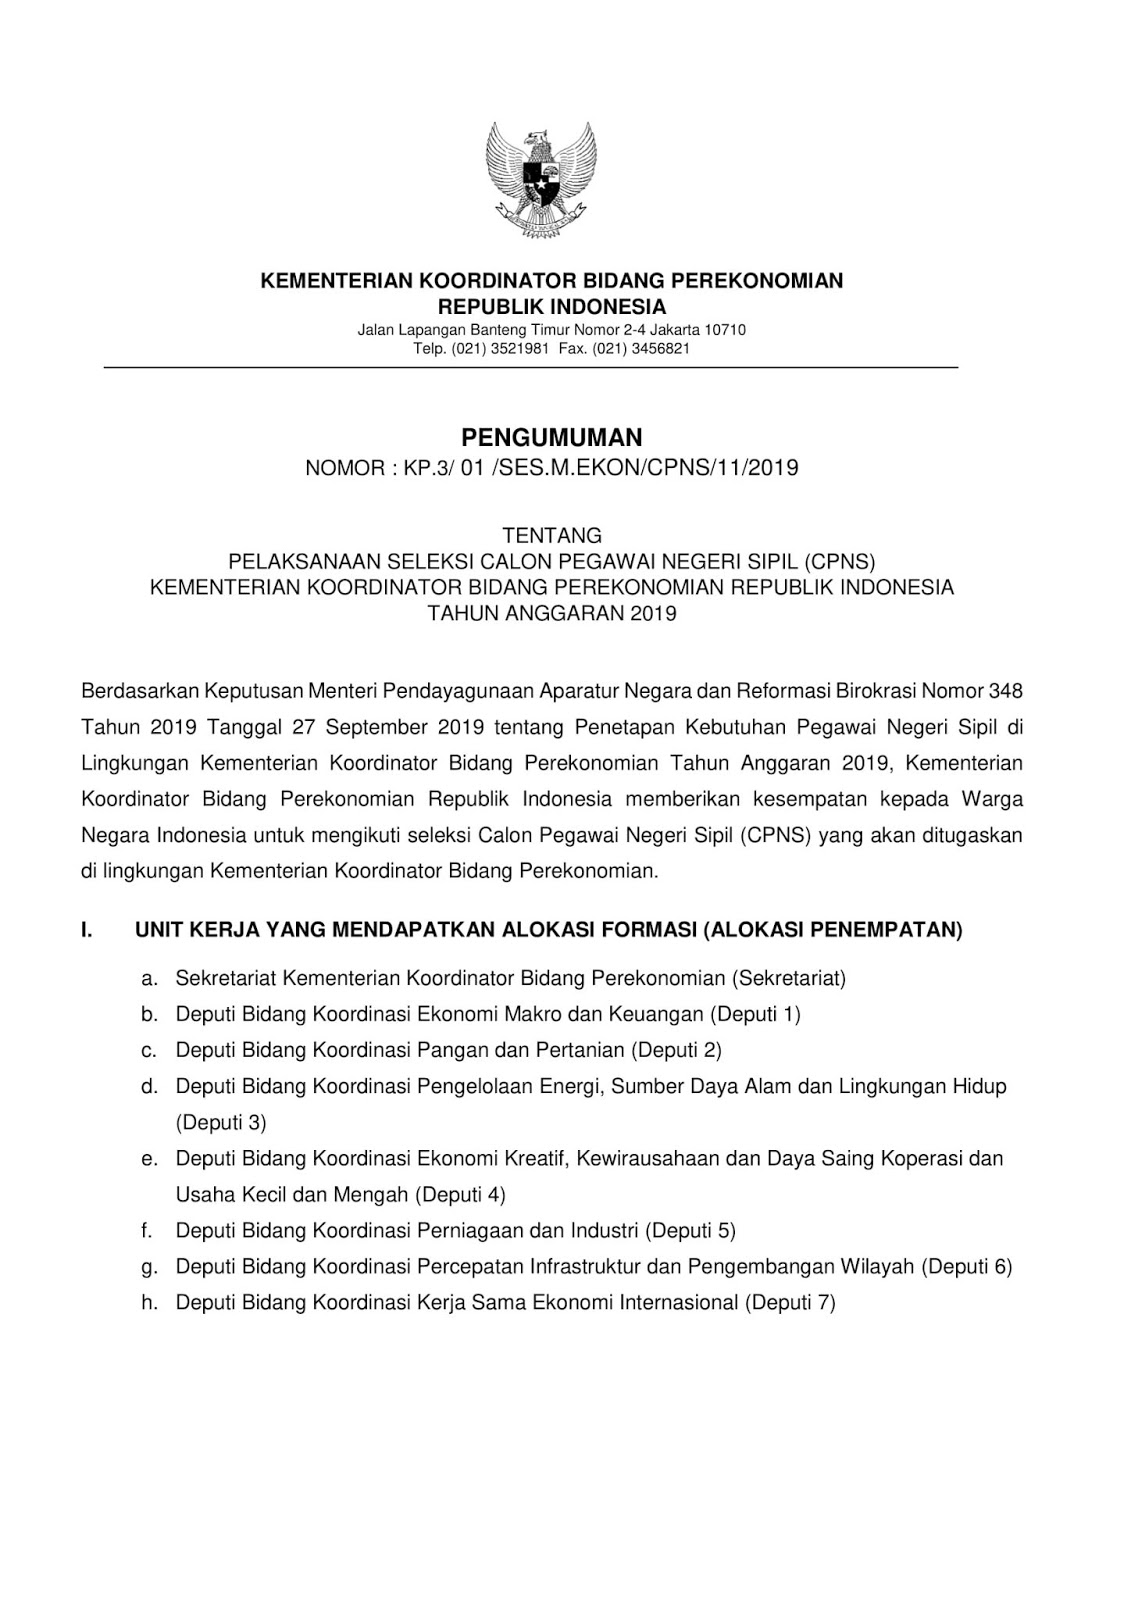 Lowongan CPNS Kementerian Koordinator Bidang Perekonomian Tahun Anggaran 2019 [67 Formasi]